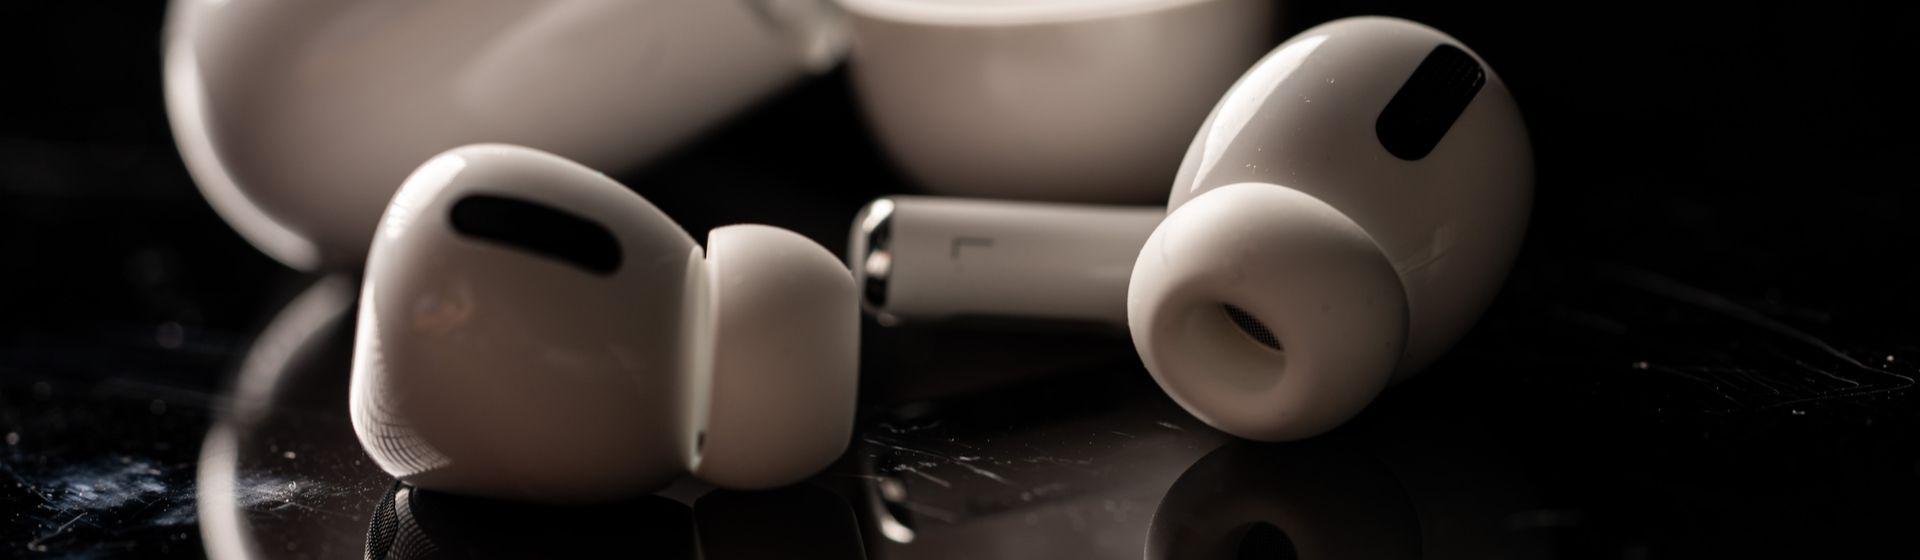 AirPods Pro: ficha técnica do fone de ouvido Bluetooth da Apple